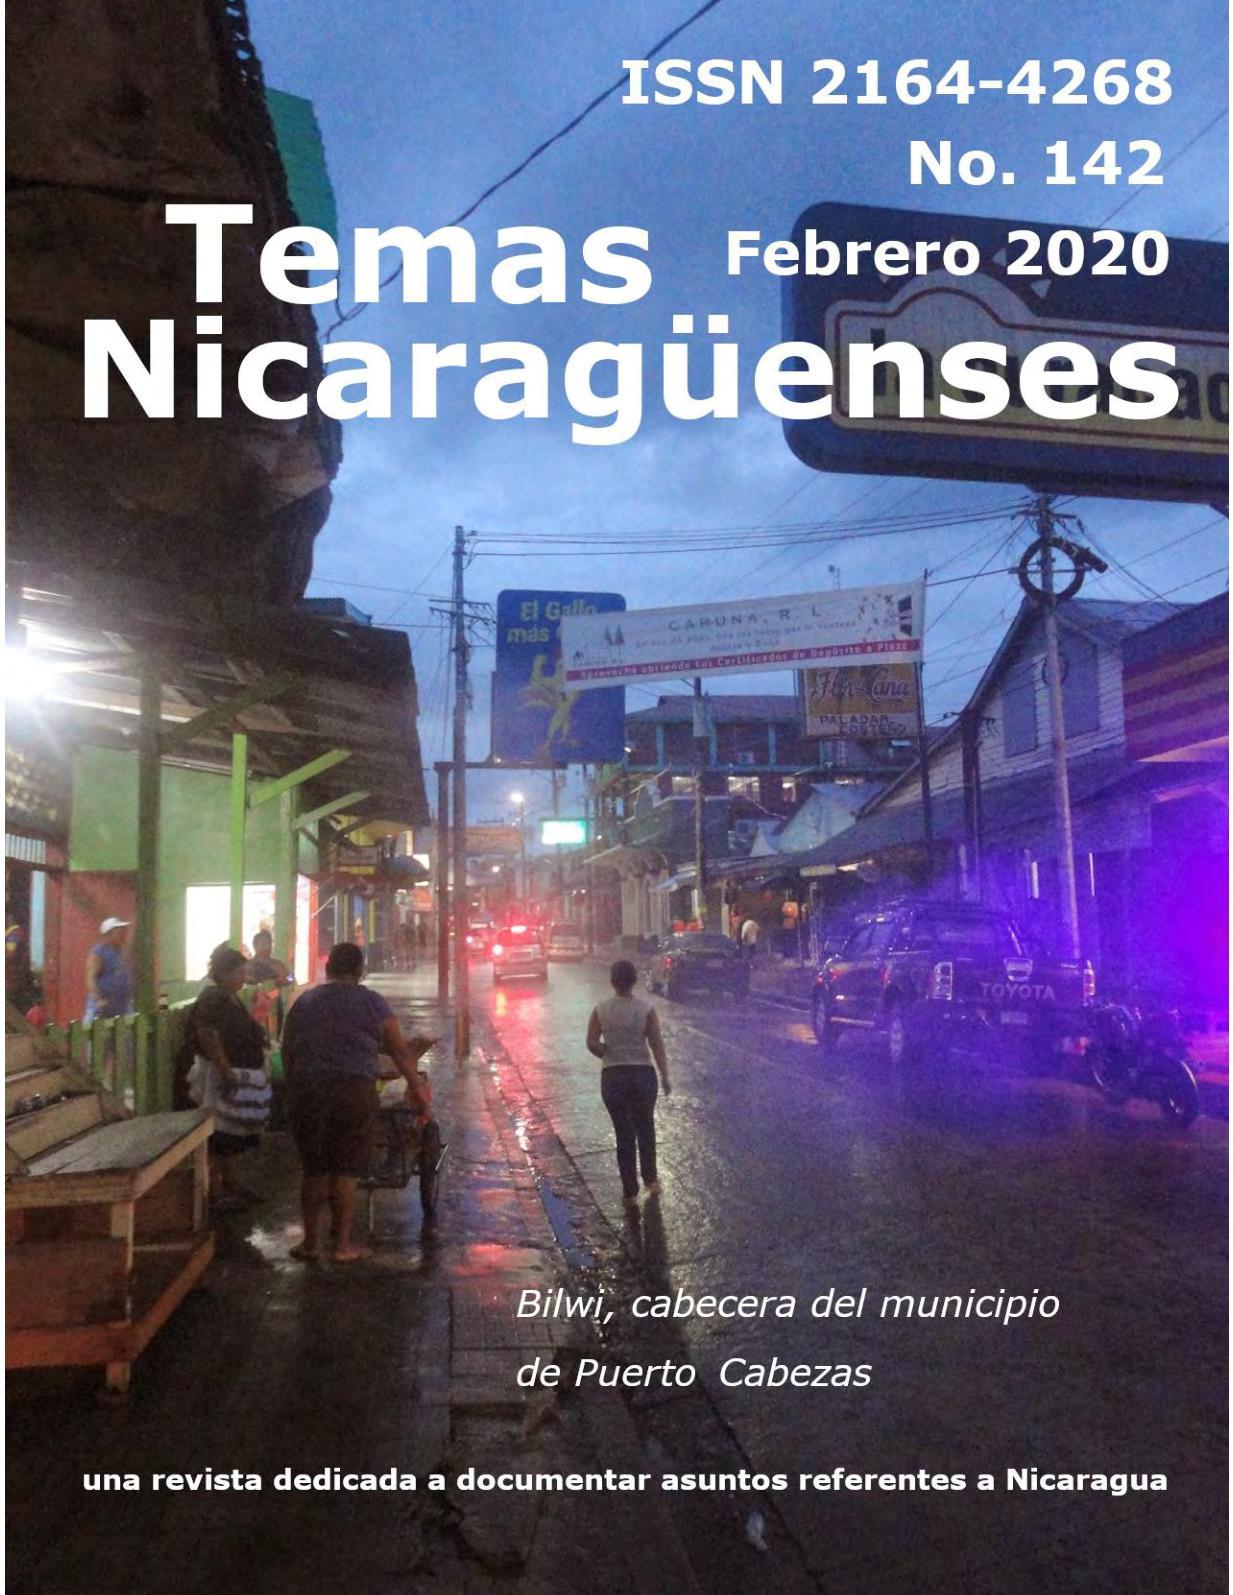 11+ Calaméo   Rtn 8 Febrero 8 Fotos